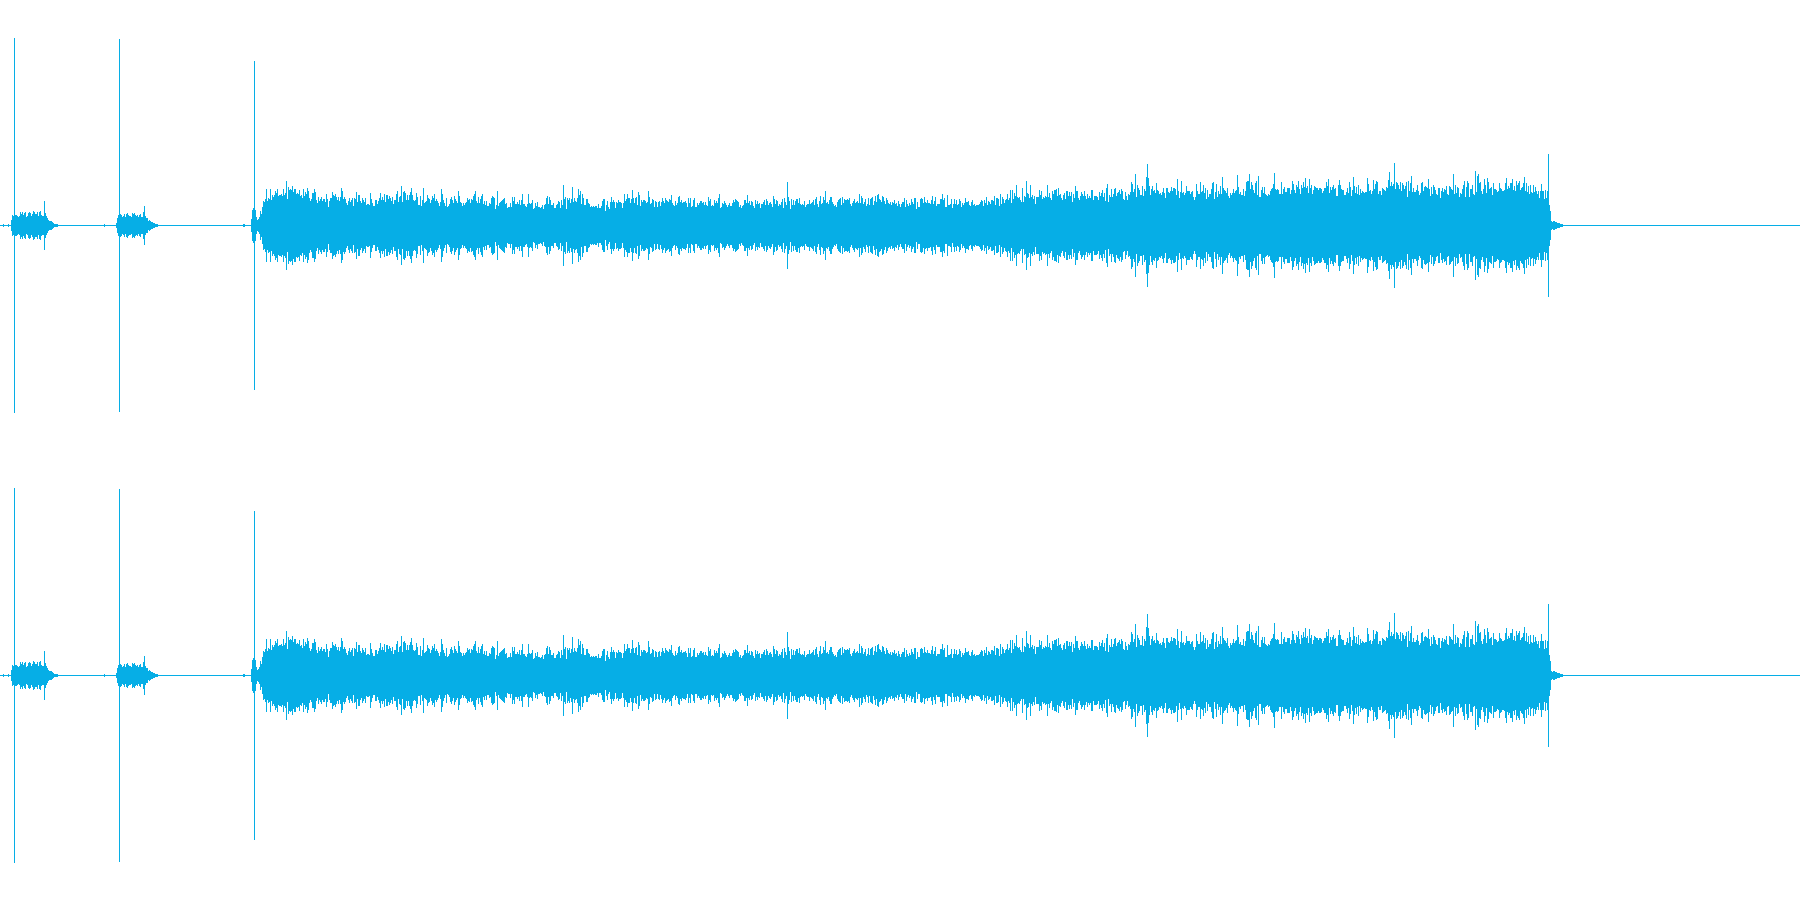 バーナーで火を付ける一連の流れの音の再生済みの波形